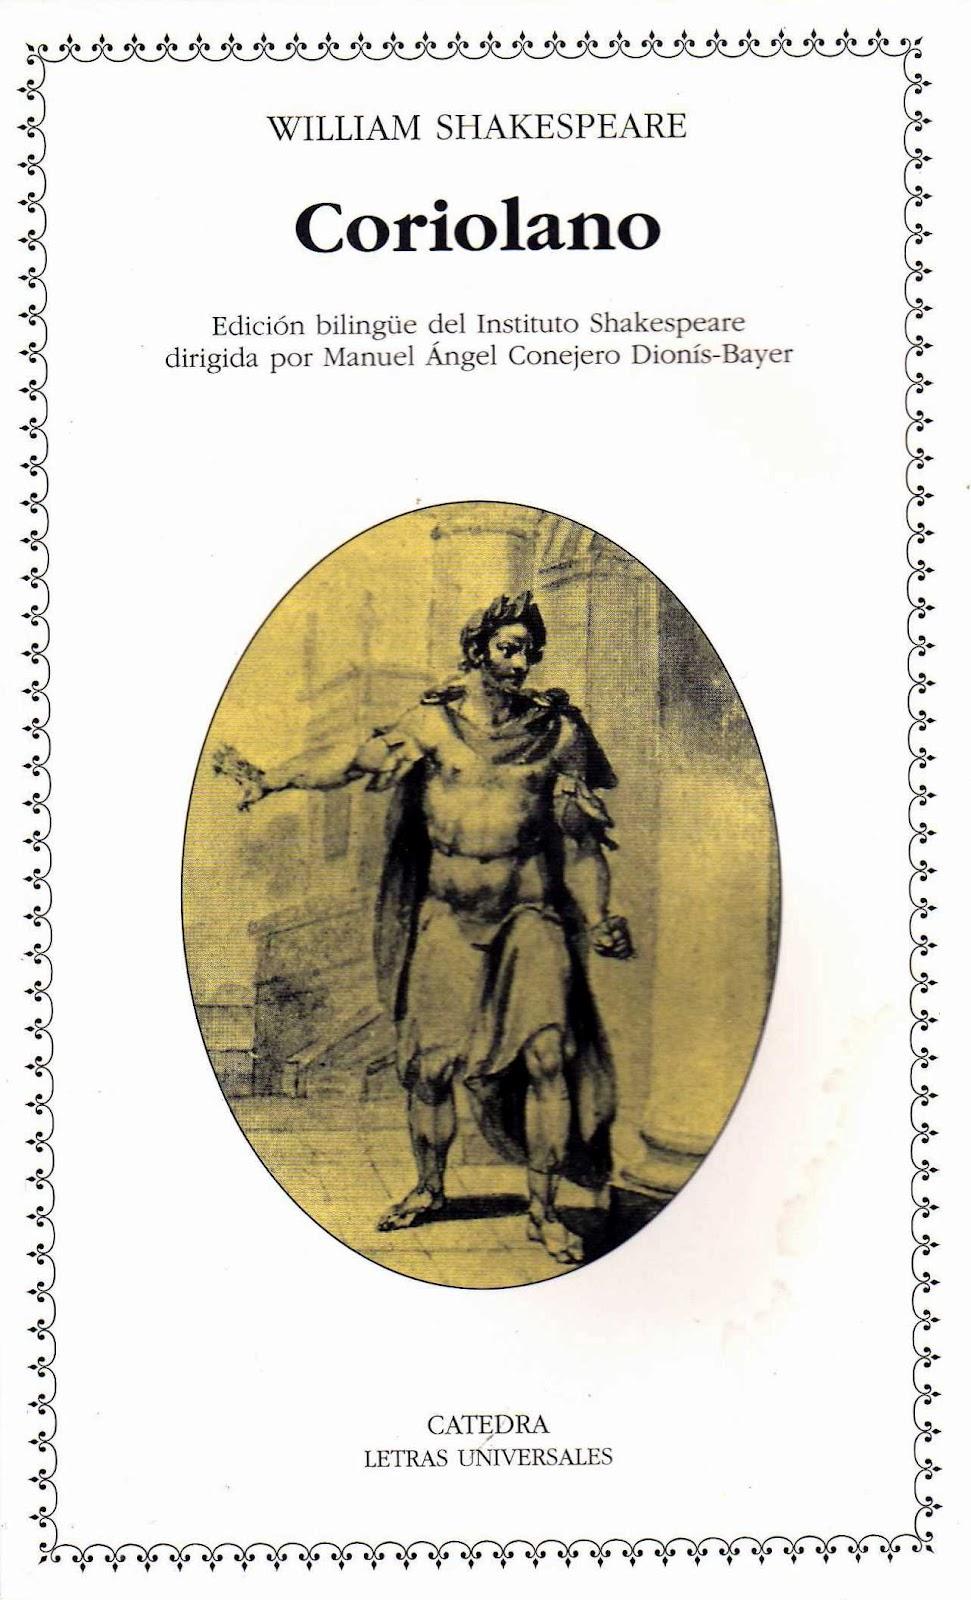 La cueva de los libros: Coriolano de William Shakespeare